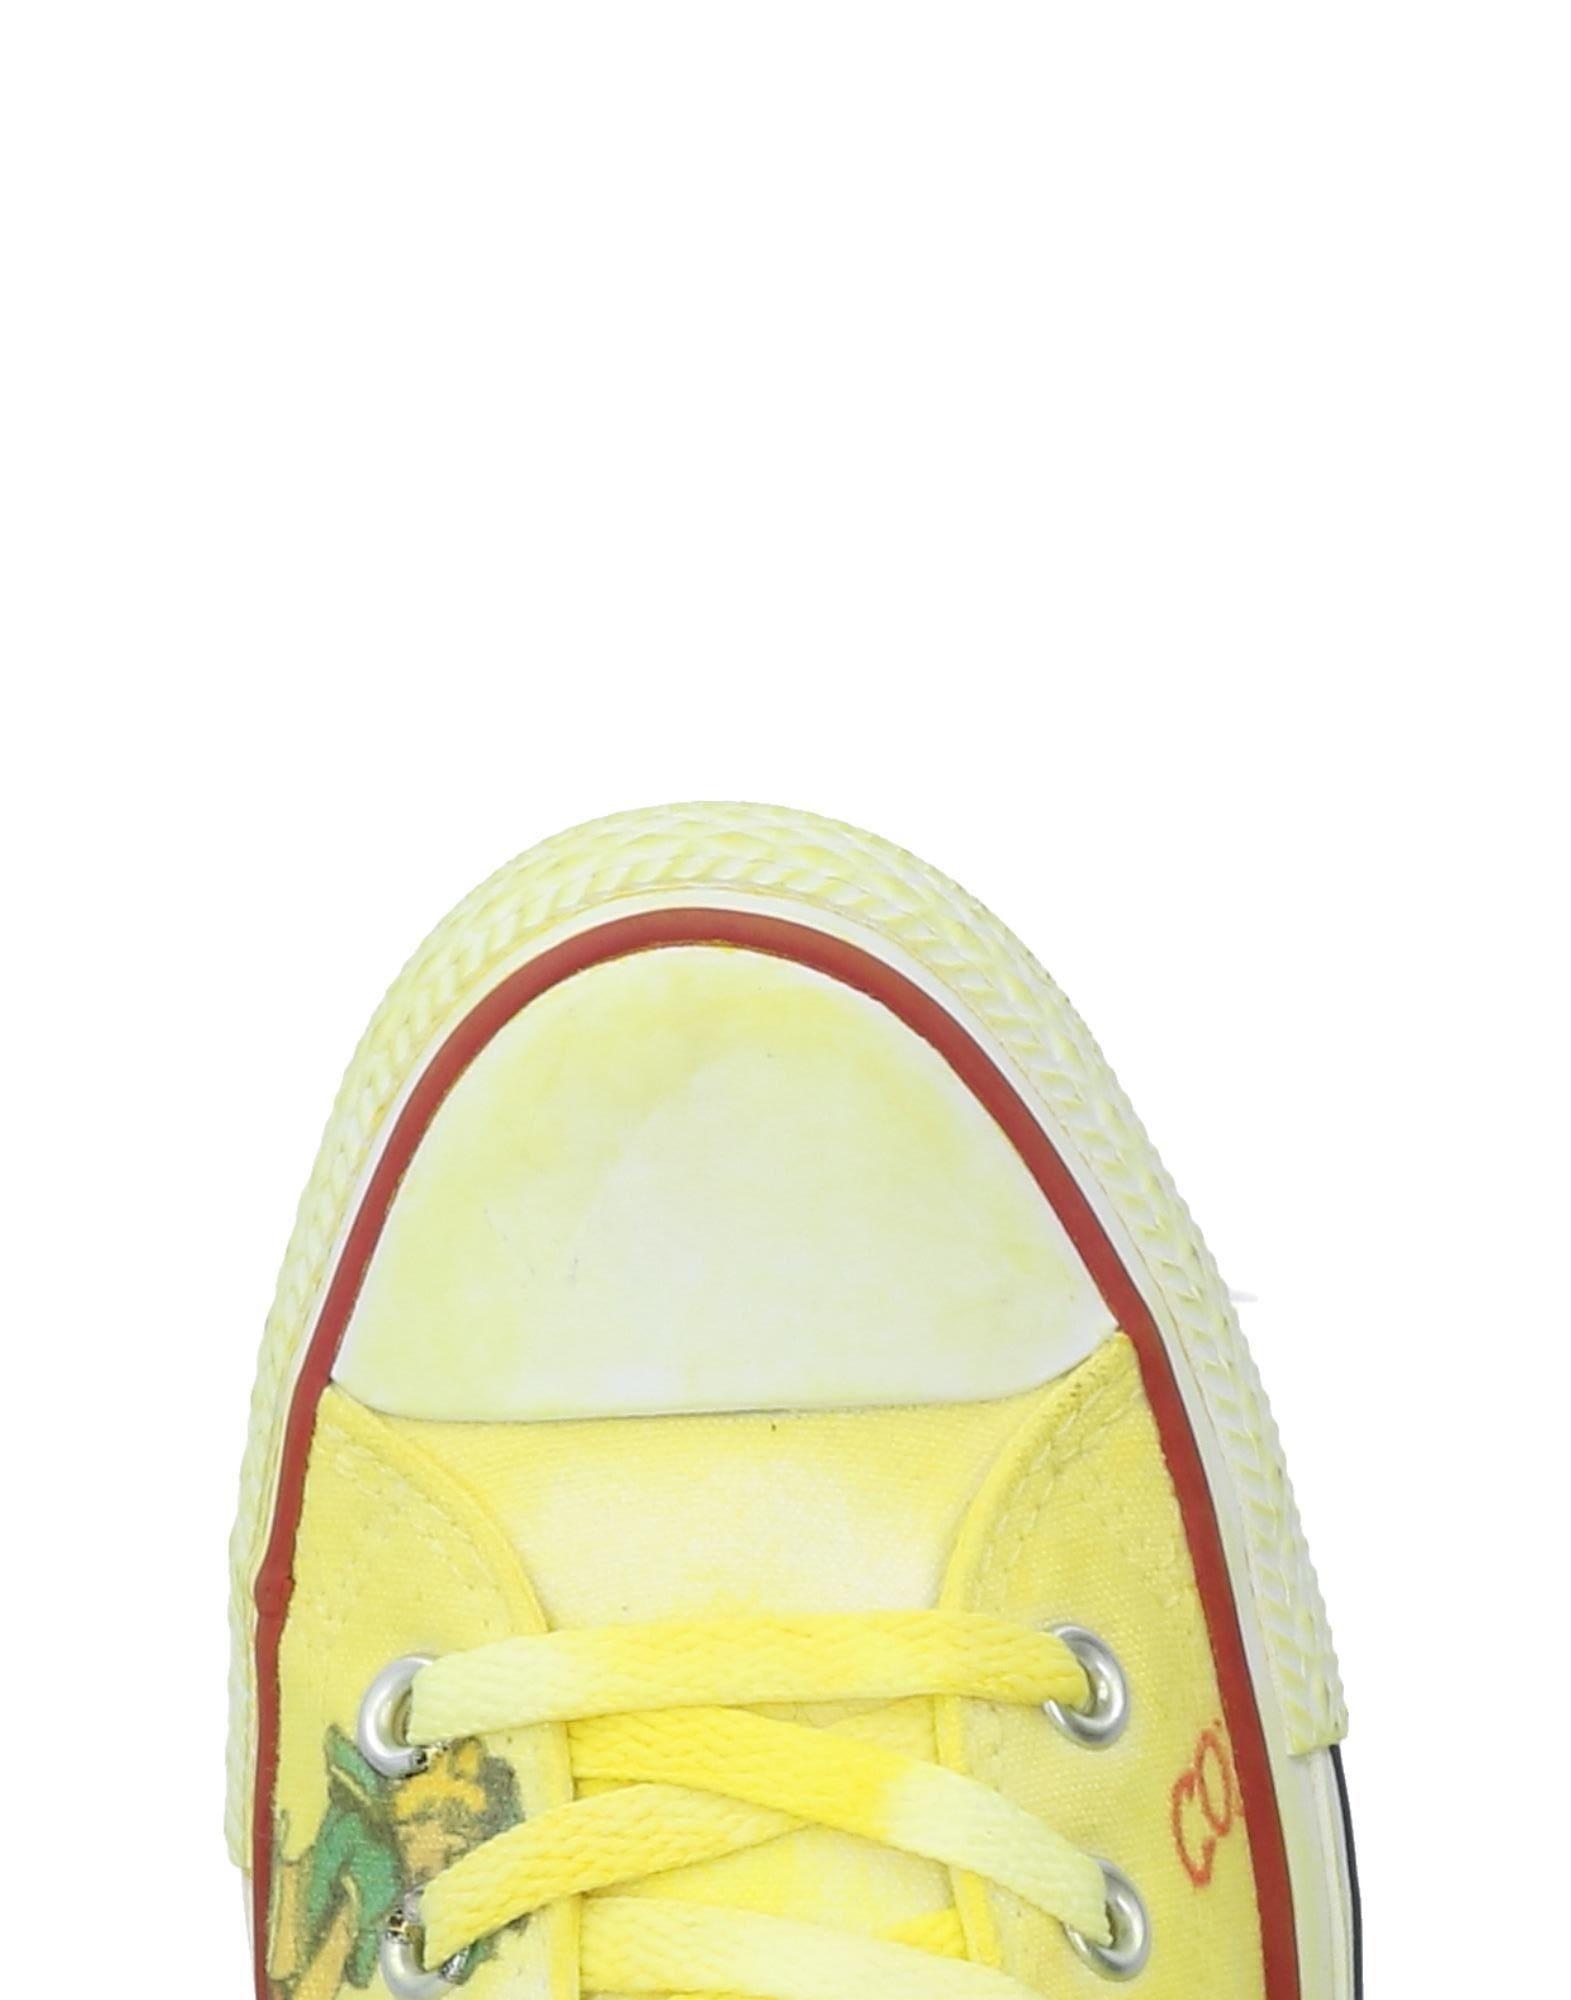 Rabatt echte Sneakers Schuhe Converse Limited Edition Sneakers echte Herren  11508034JU 9dc3d0